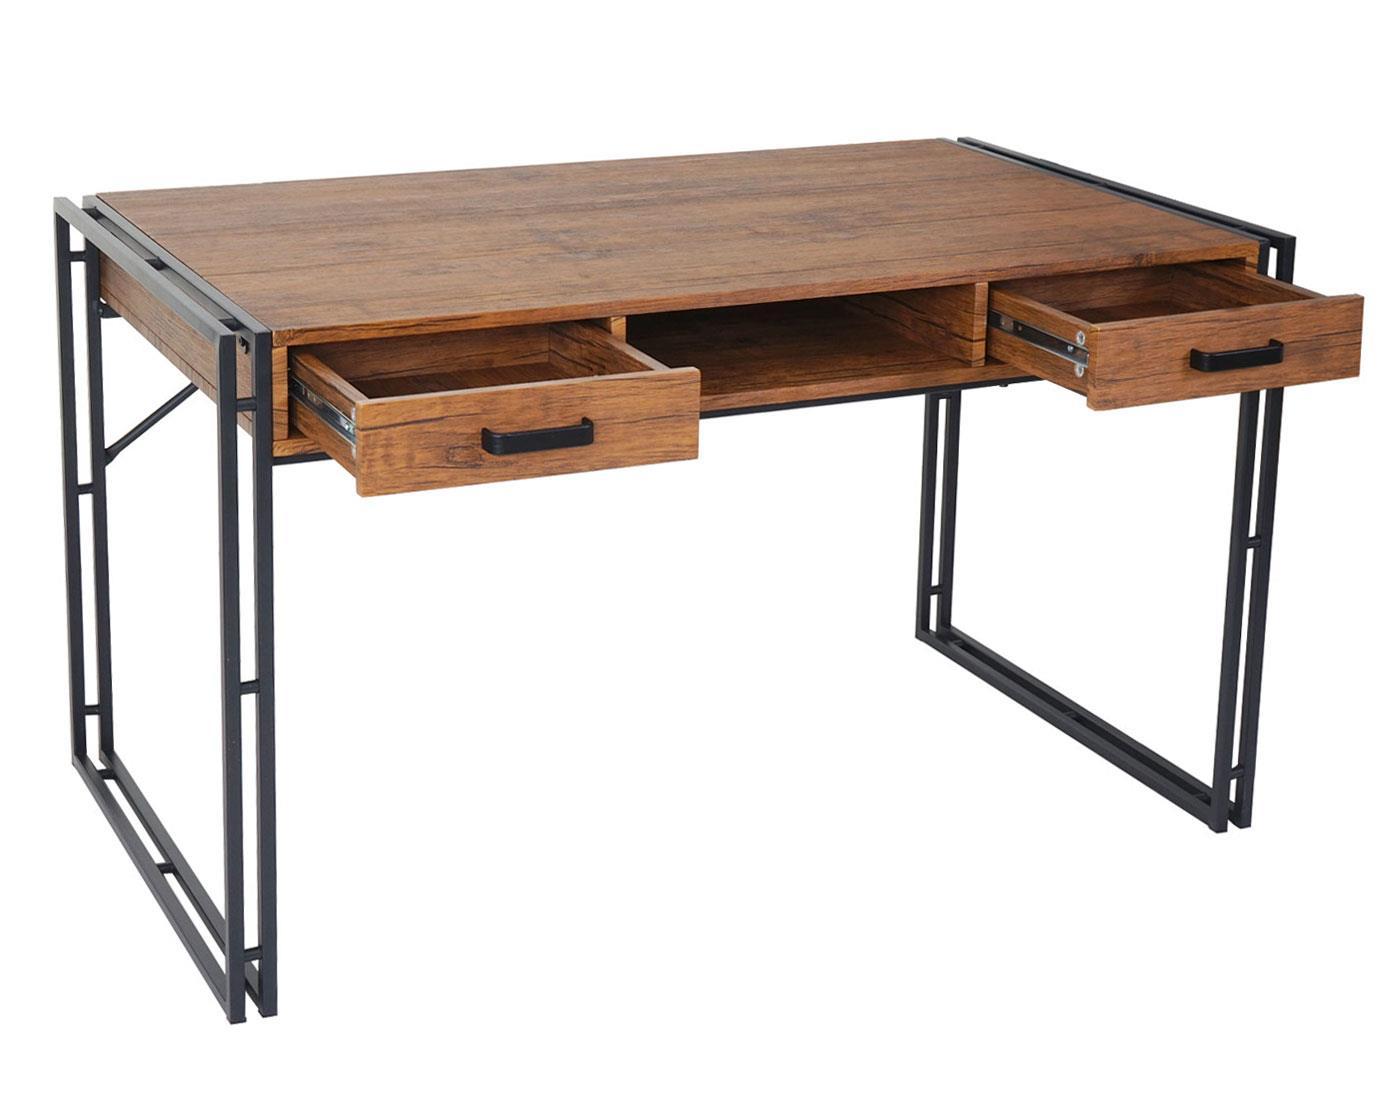 Scrivania per ufficio olaf cm 121x70 in legno e metallo for Scrivania legno